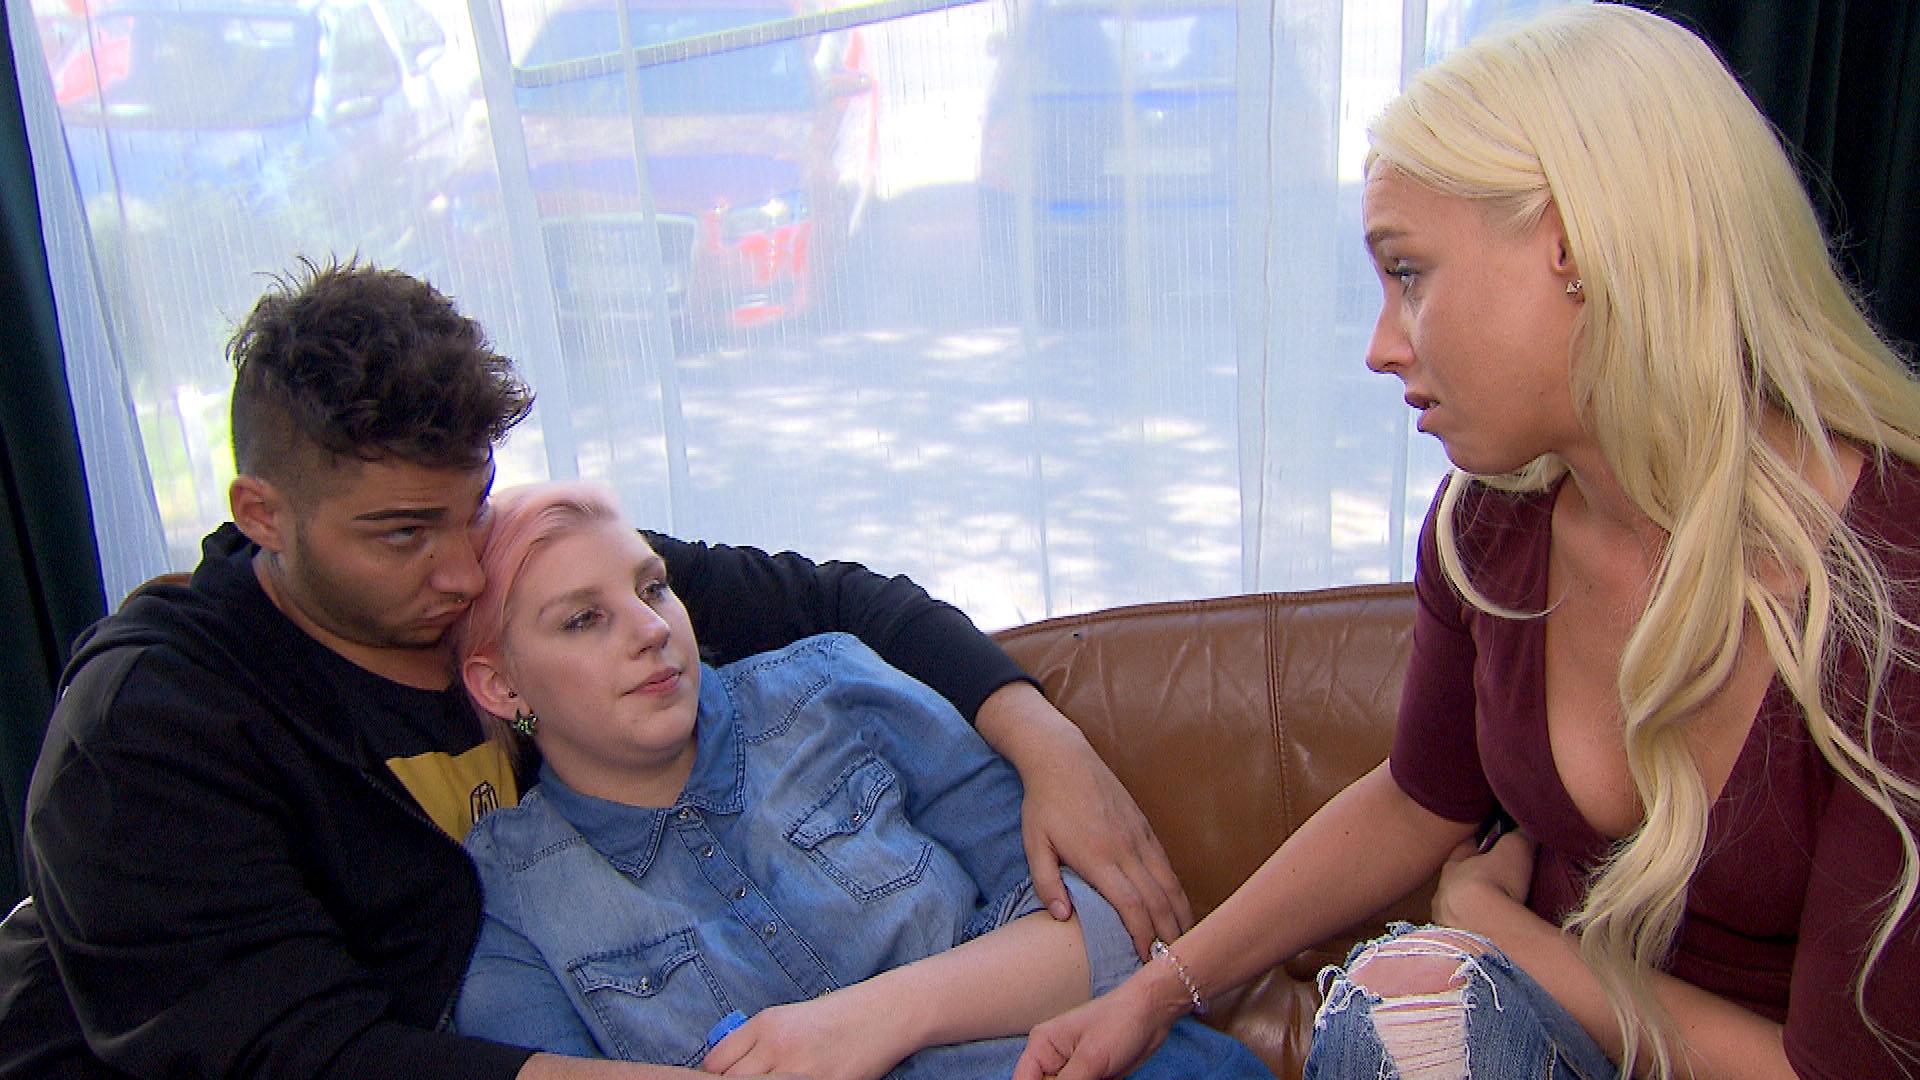 Rick (li.) und Peggy (re.) versuchen Paula (mi.) zu trösten... (Quelle: RTL 2)